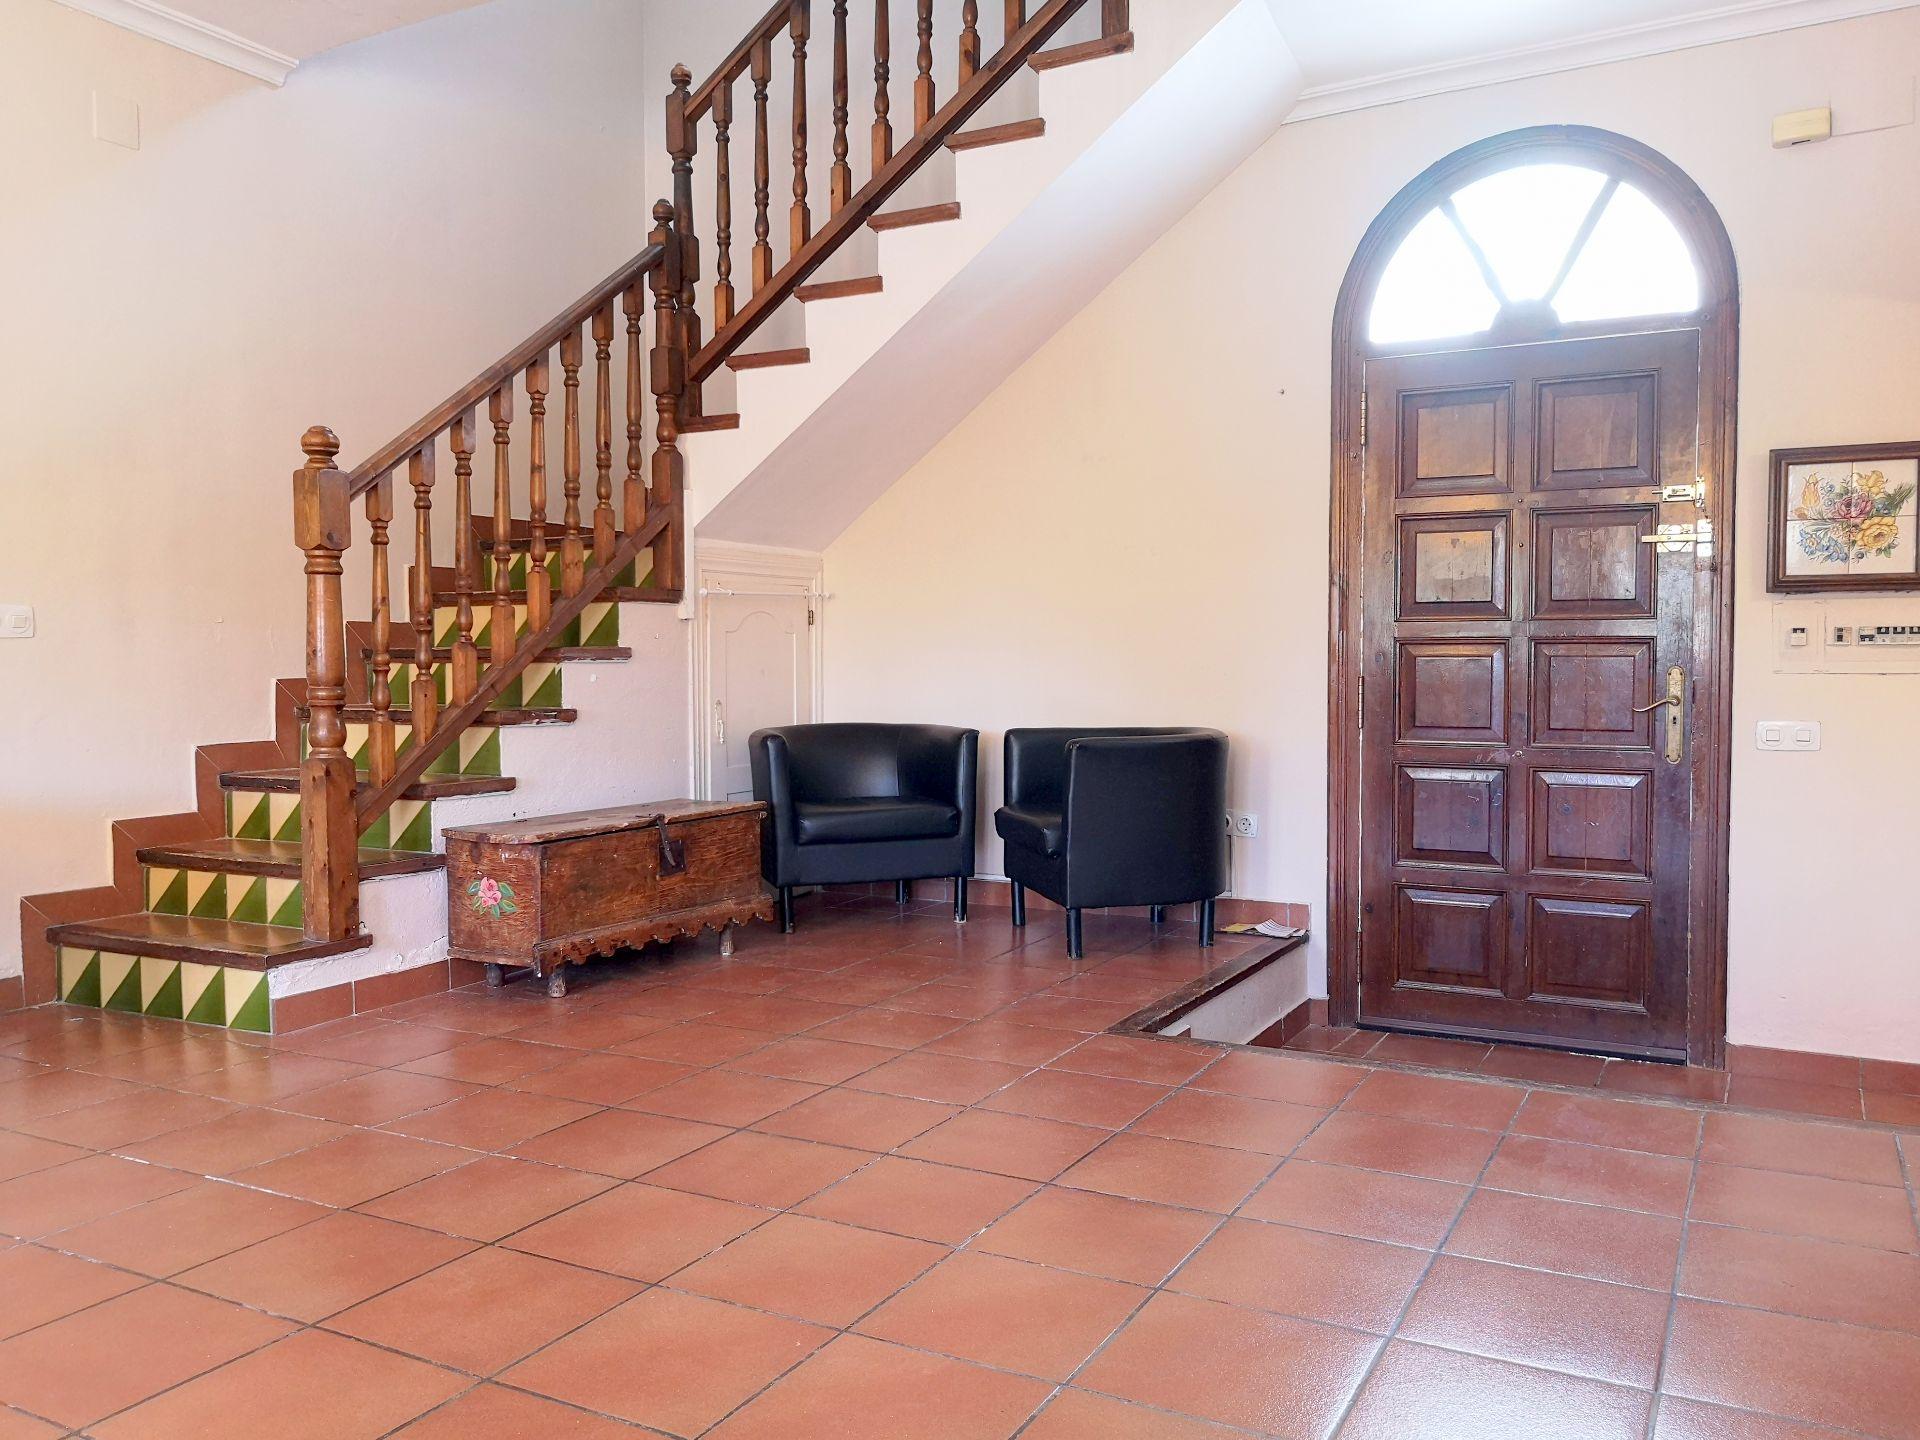 Casa / Chalet en Sitges, Poble Sec, alquiler